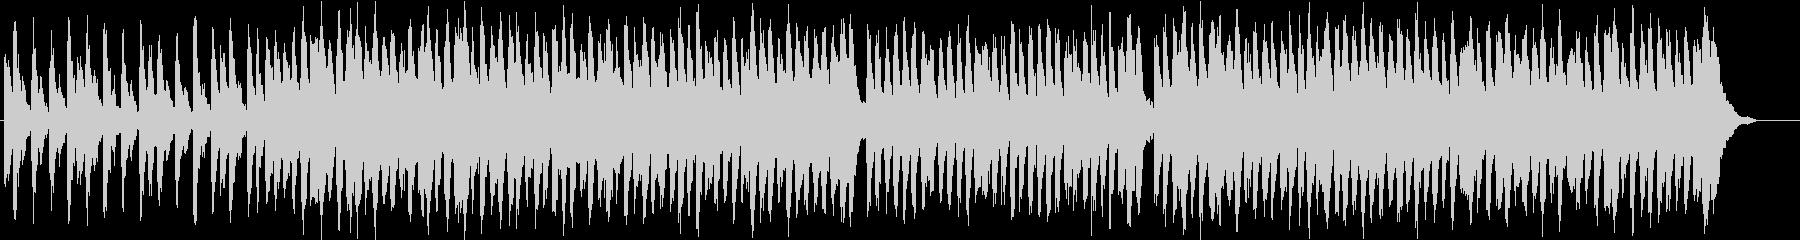 軽快で楽しくライトなオーケストラBGMの未再生の波形